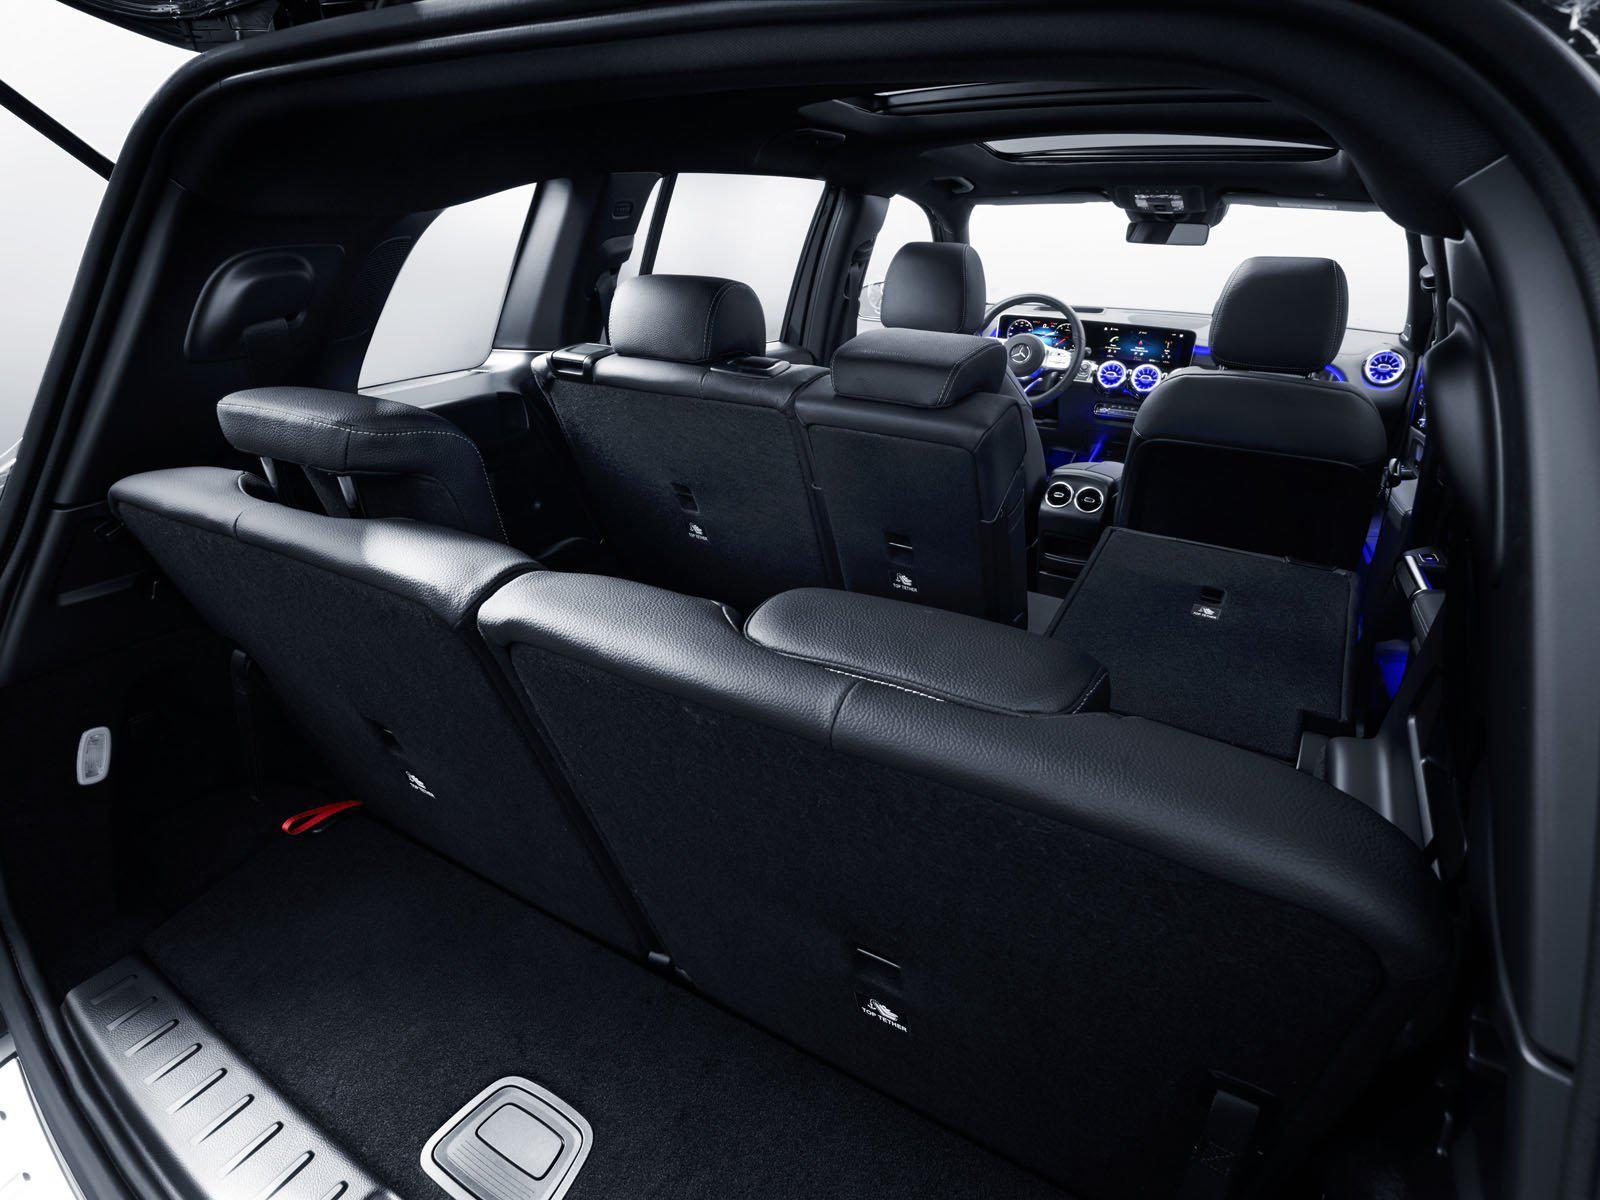 Ngắm trước Mercedes GLB sắp ra mắt với lựa chọn 7 chỗ Ảnh 9